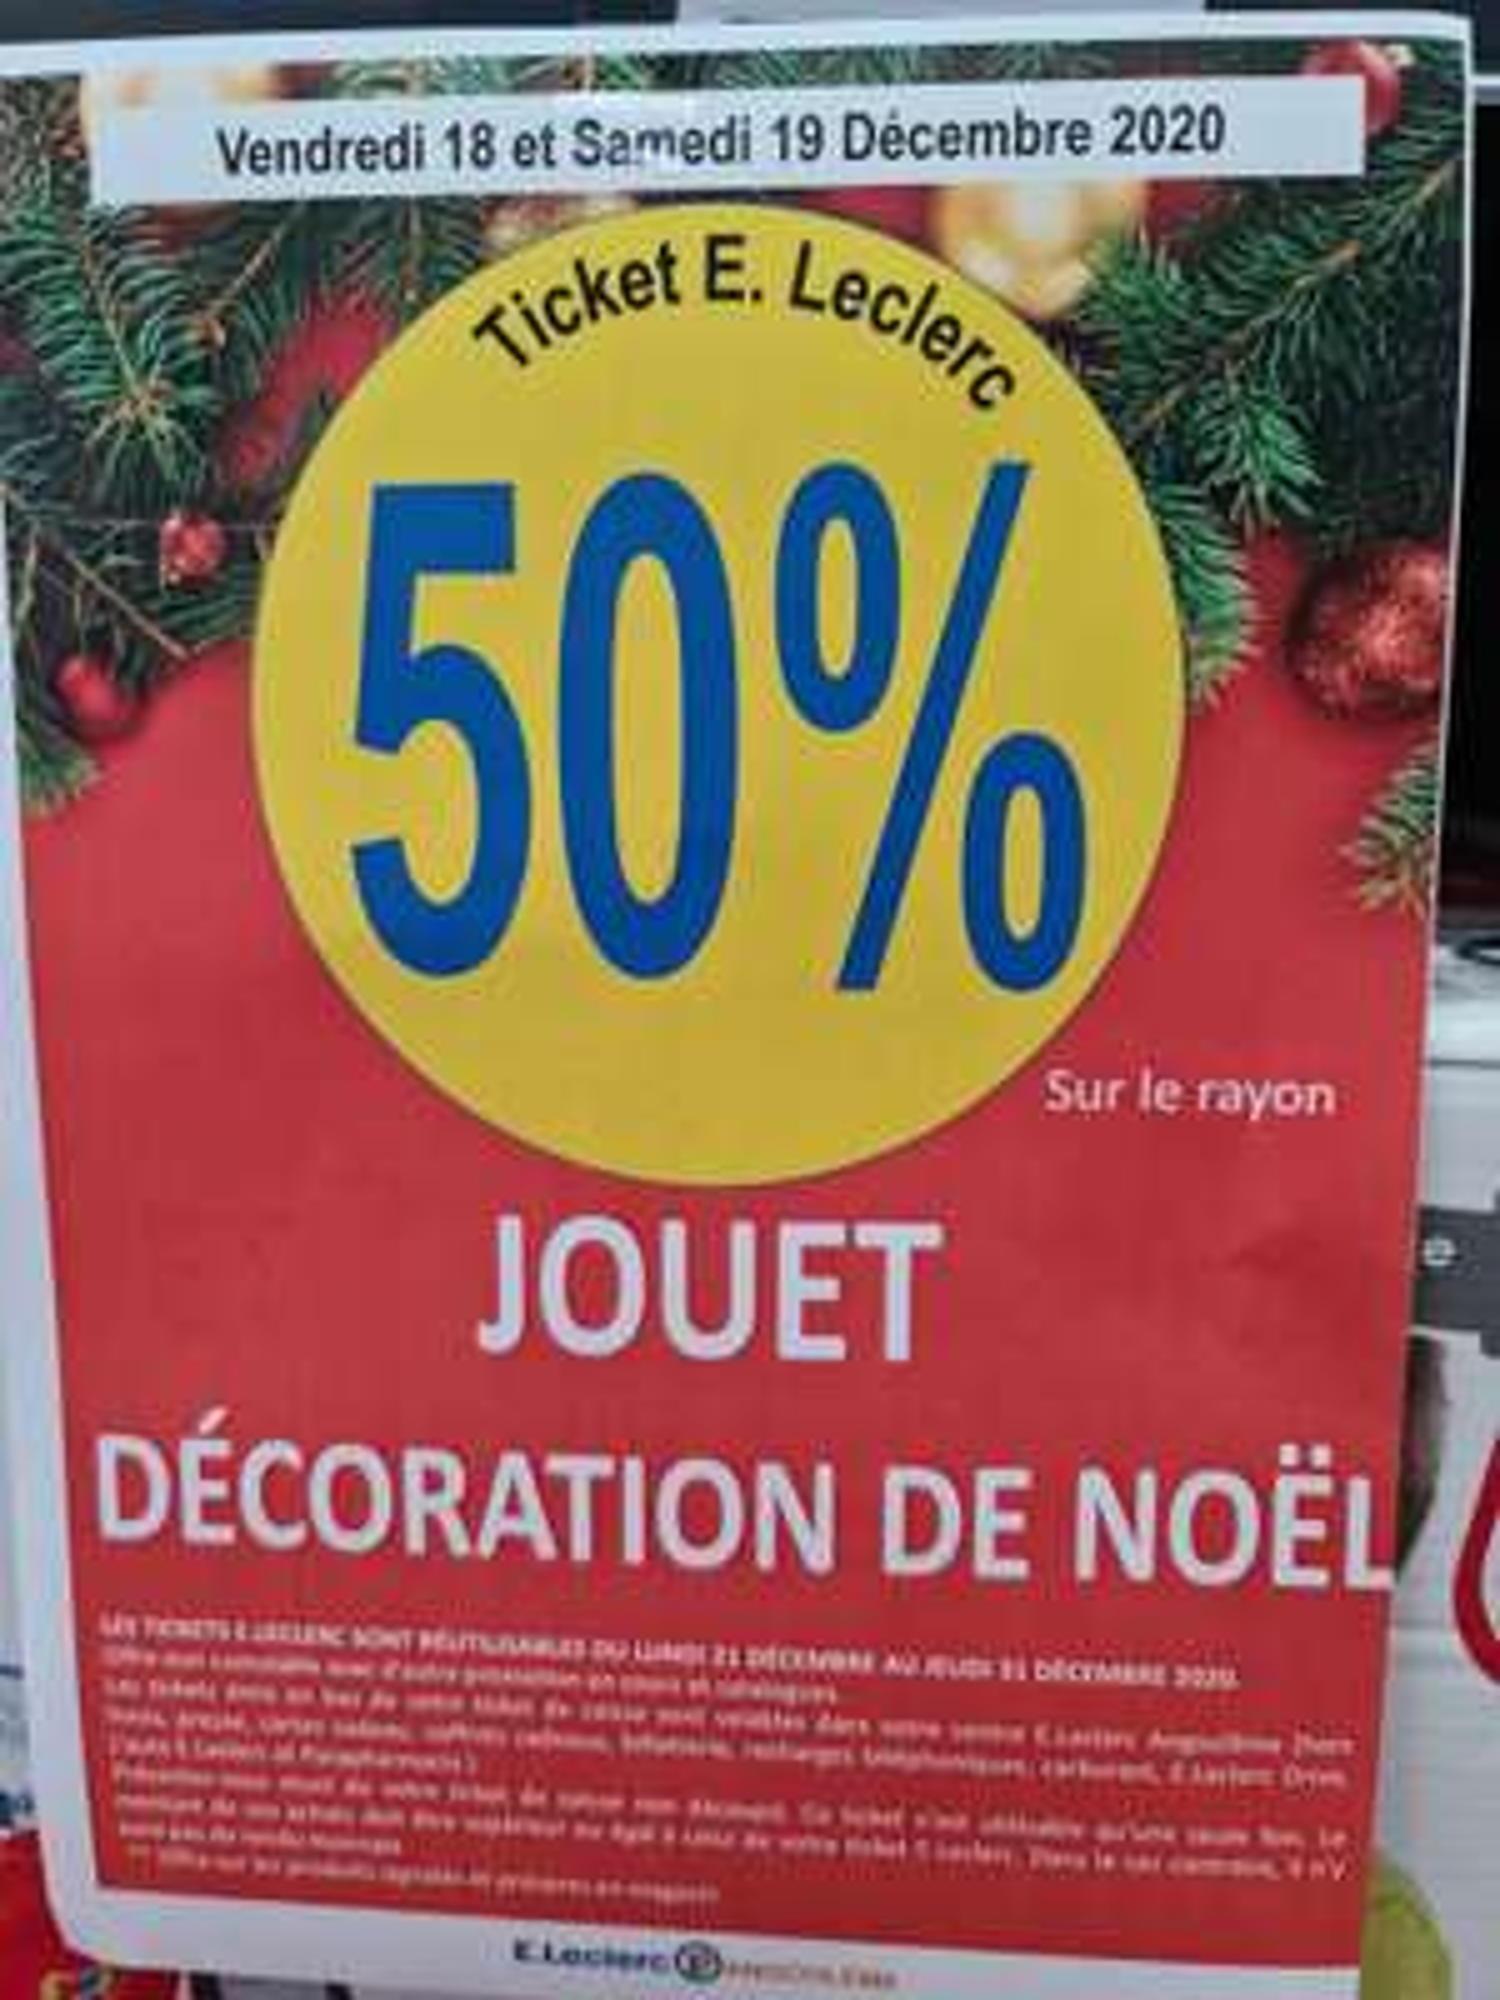 50% offert en ticket sur les Jouets et Décorations de Noël - Leclerc Angoulême (16)